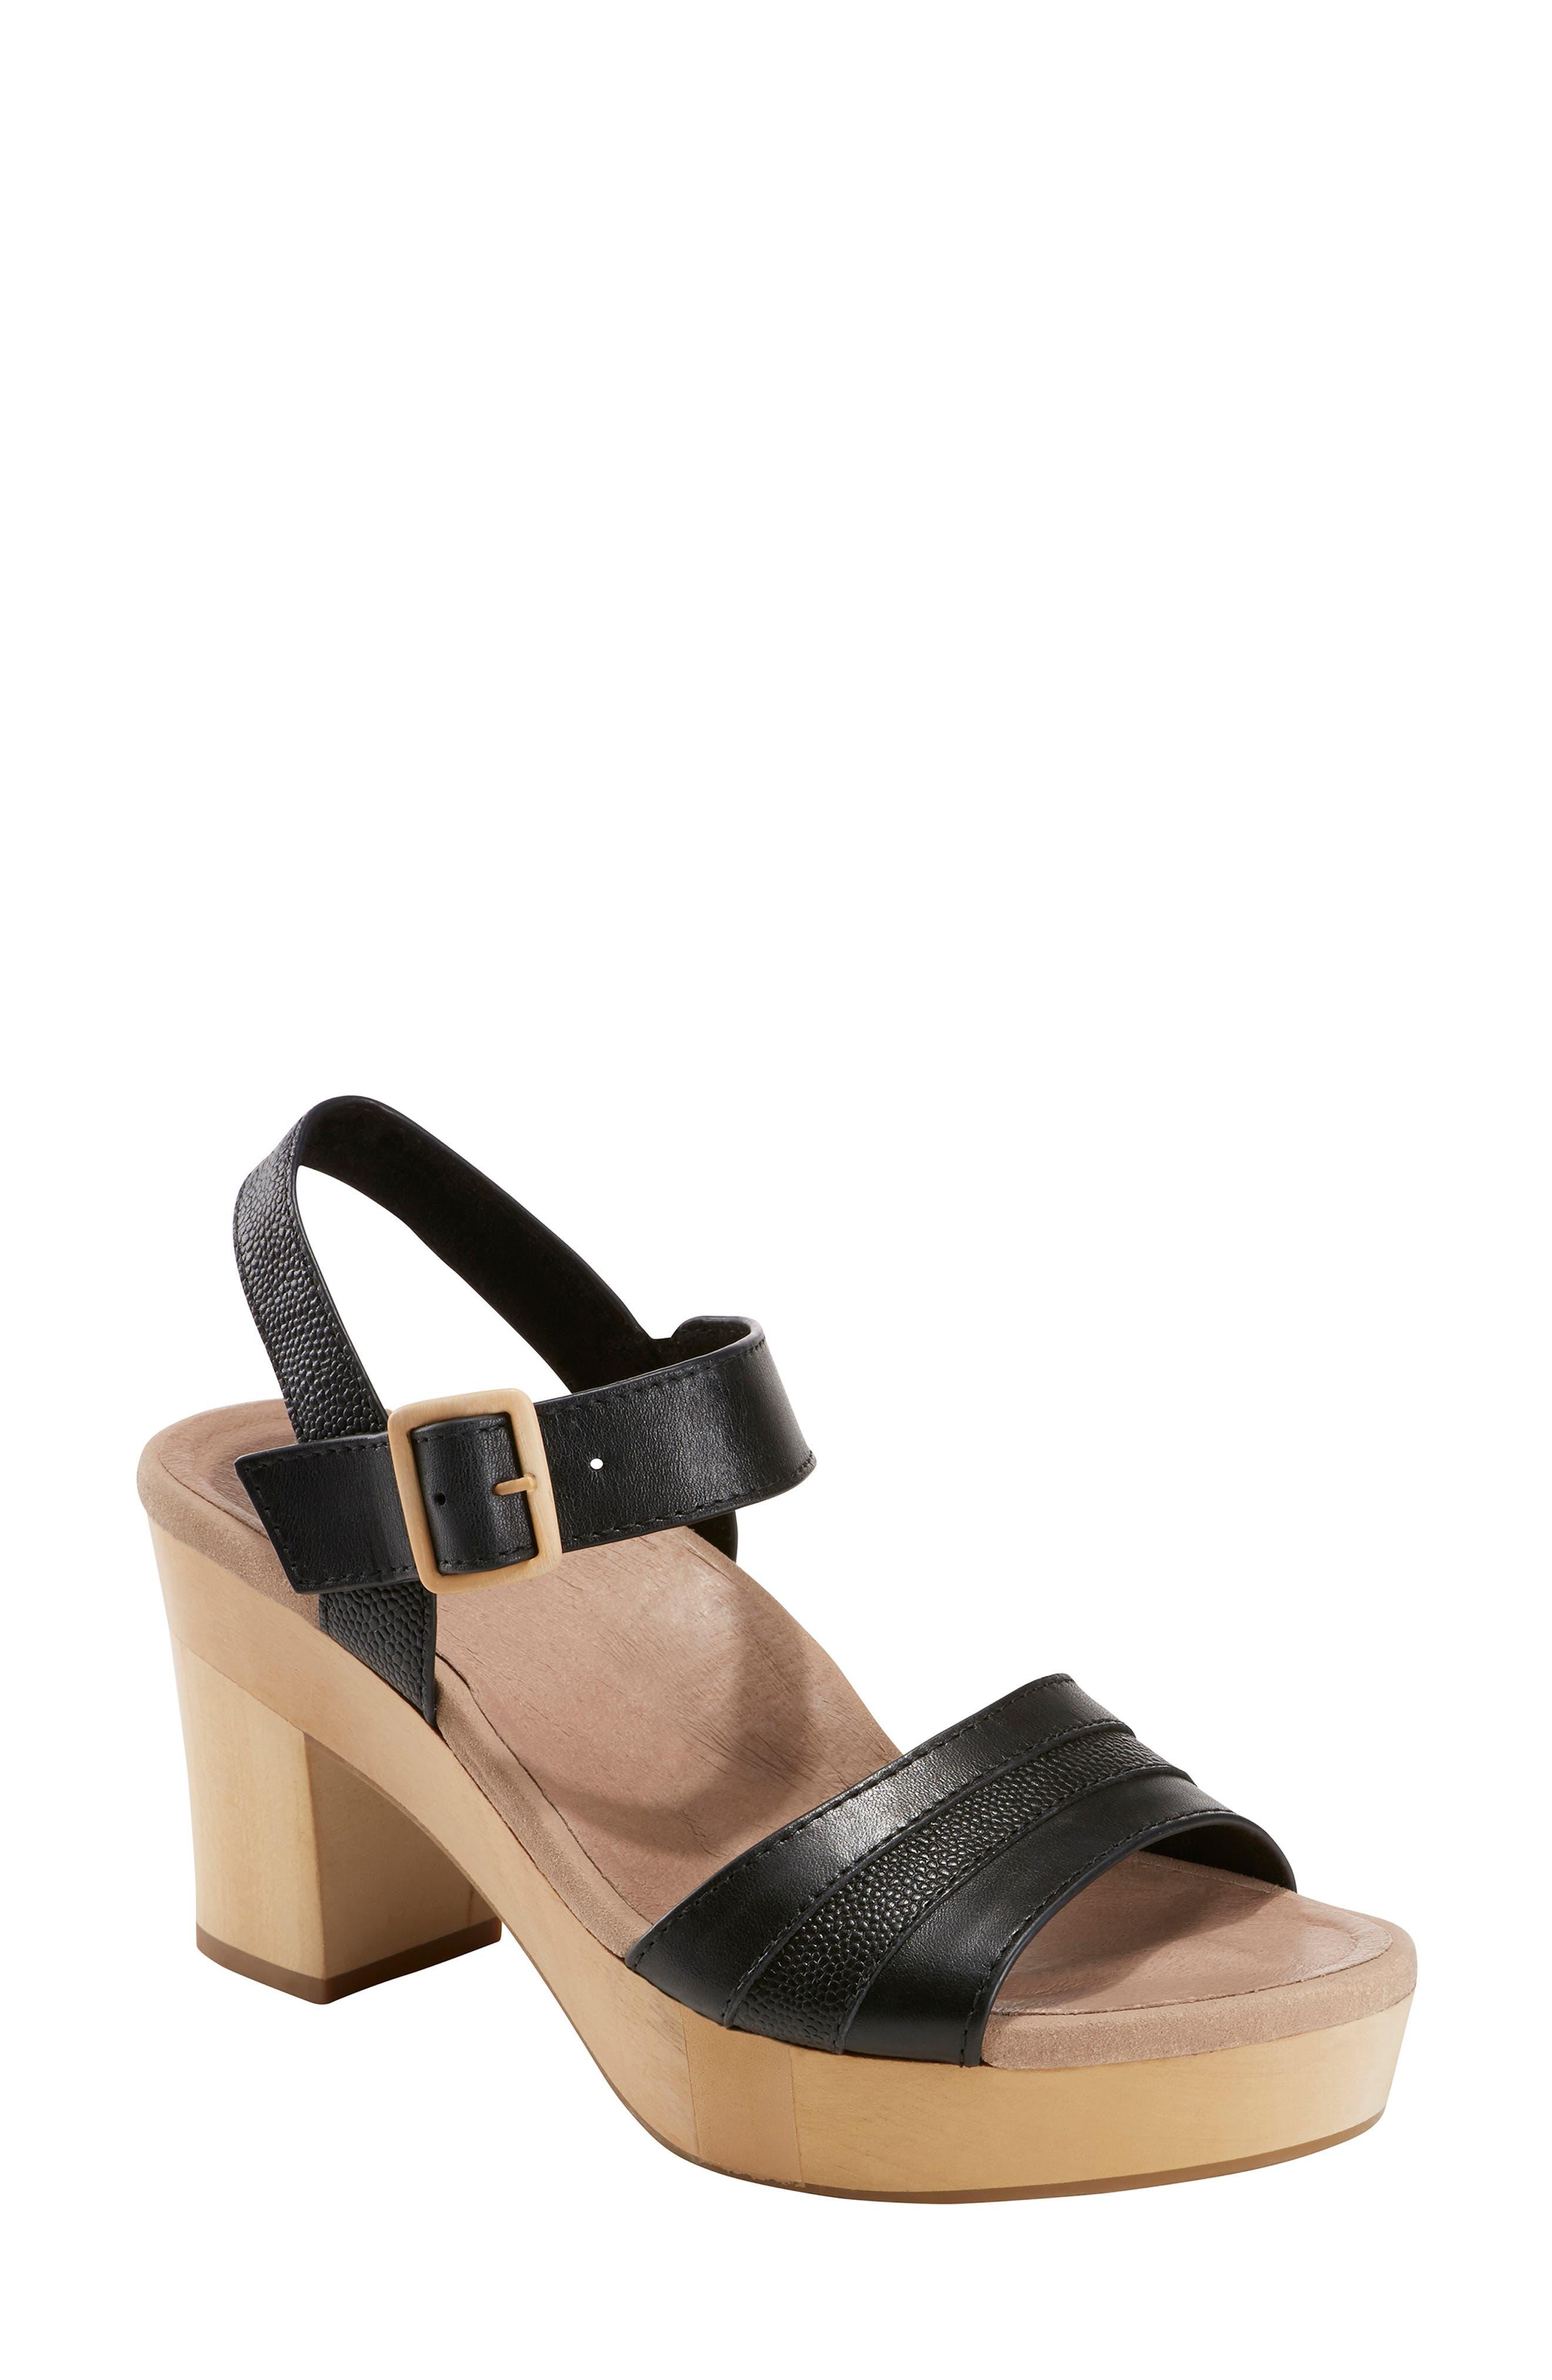 Earth Chestnut Platform Sandal, Black